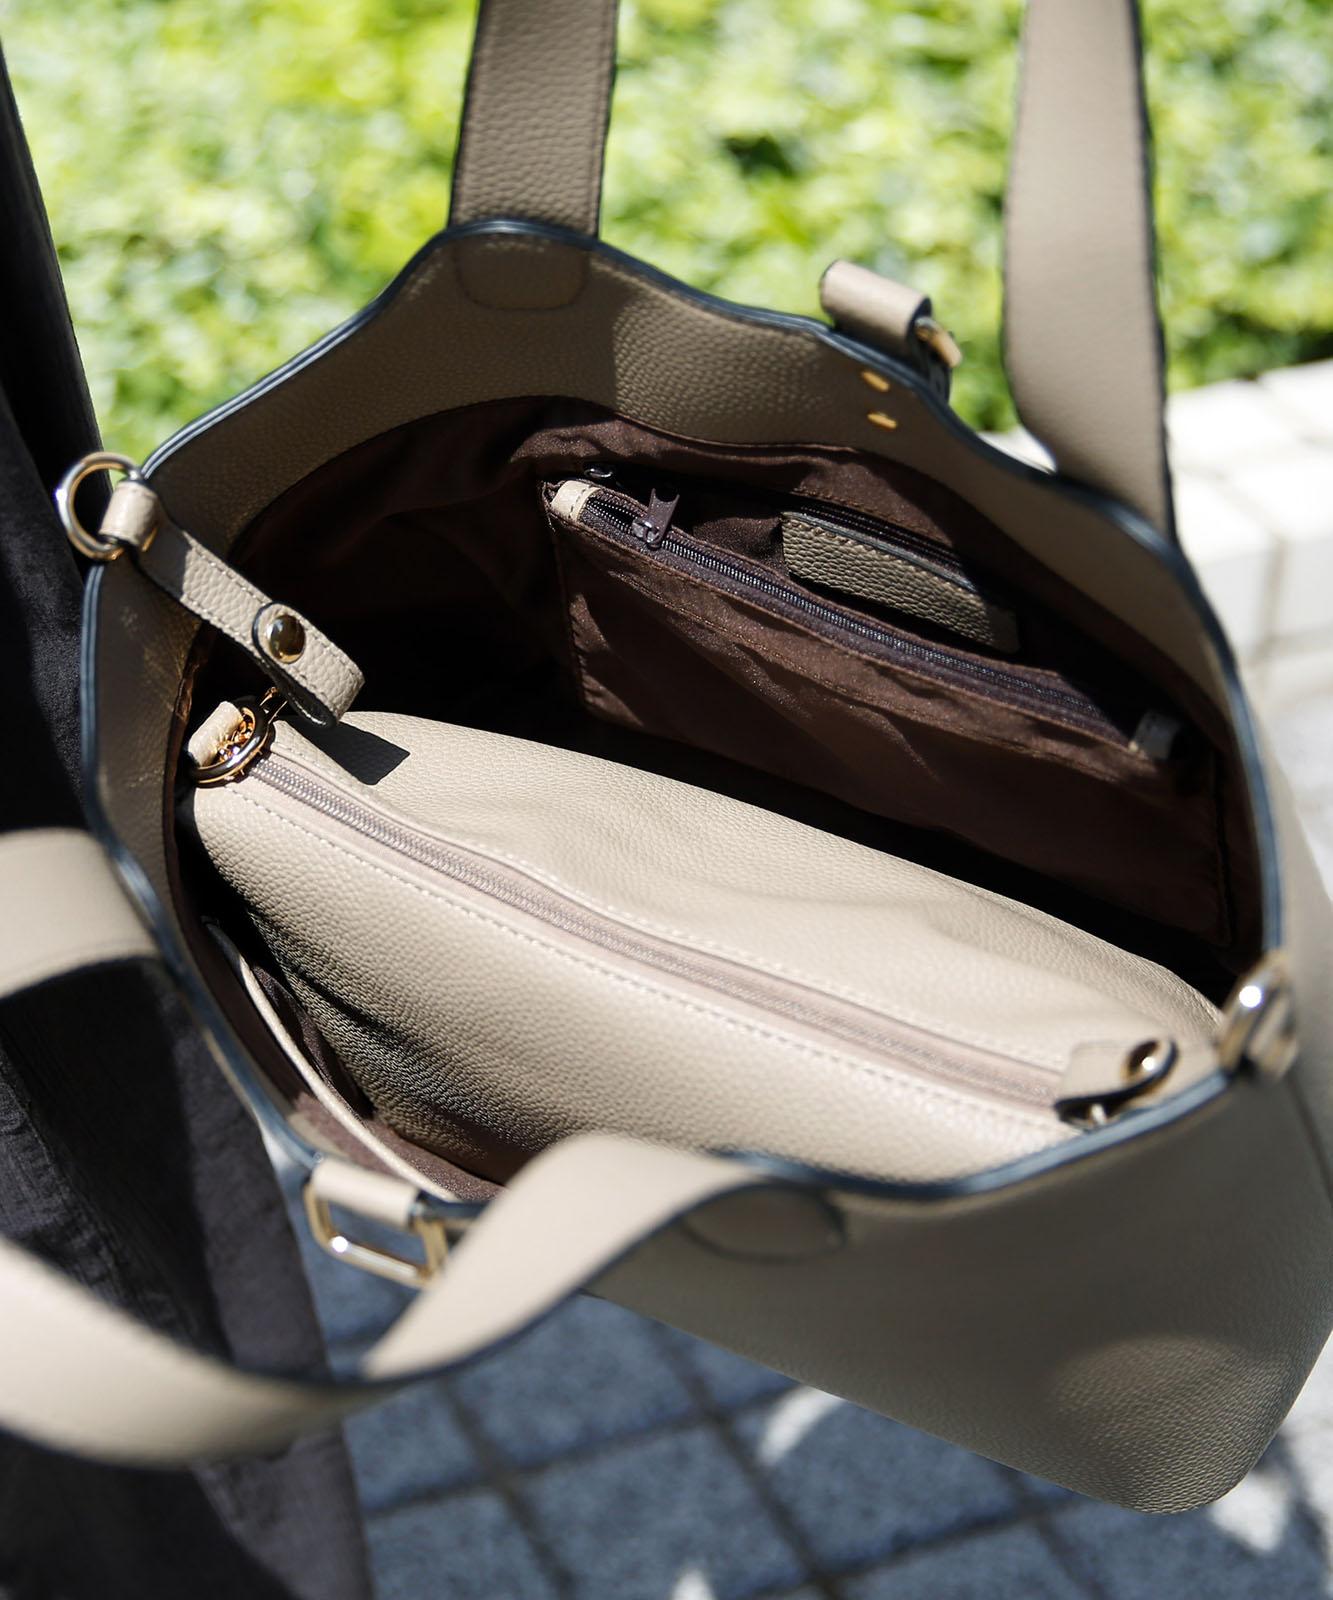 インナーバッグ付き3wayトートバッグ